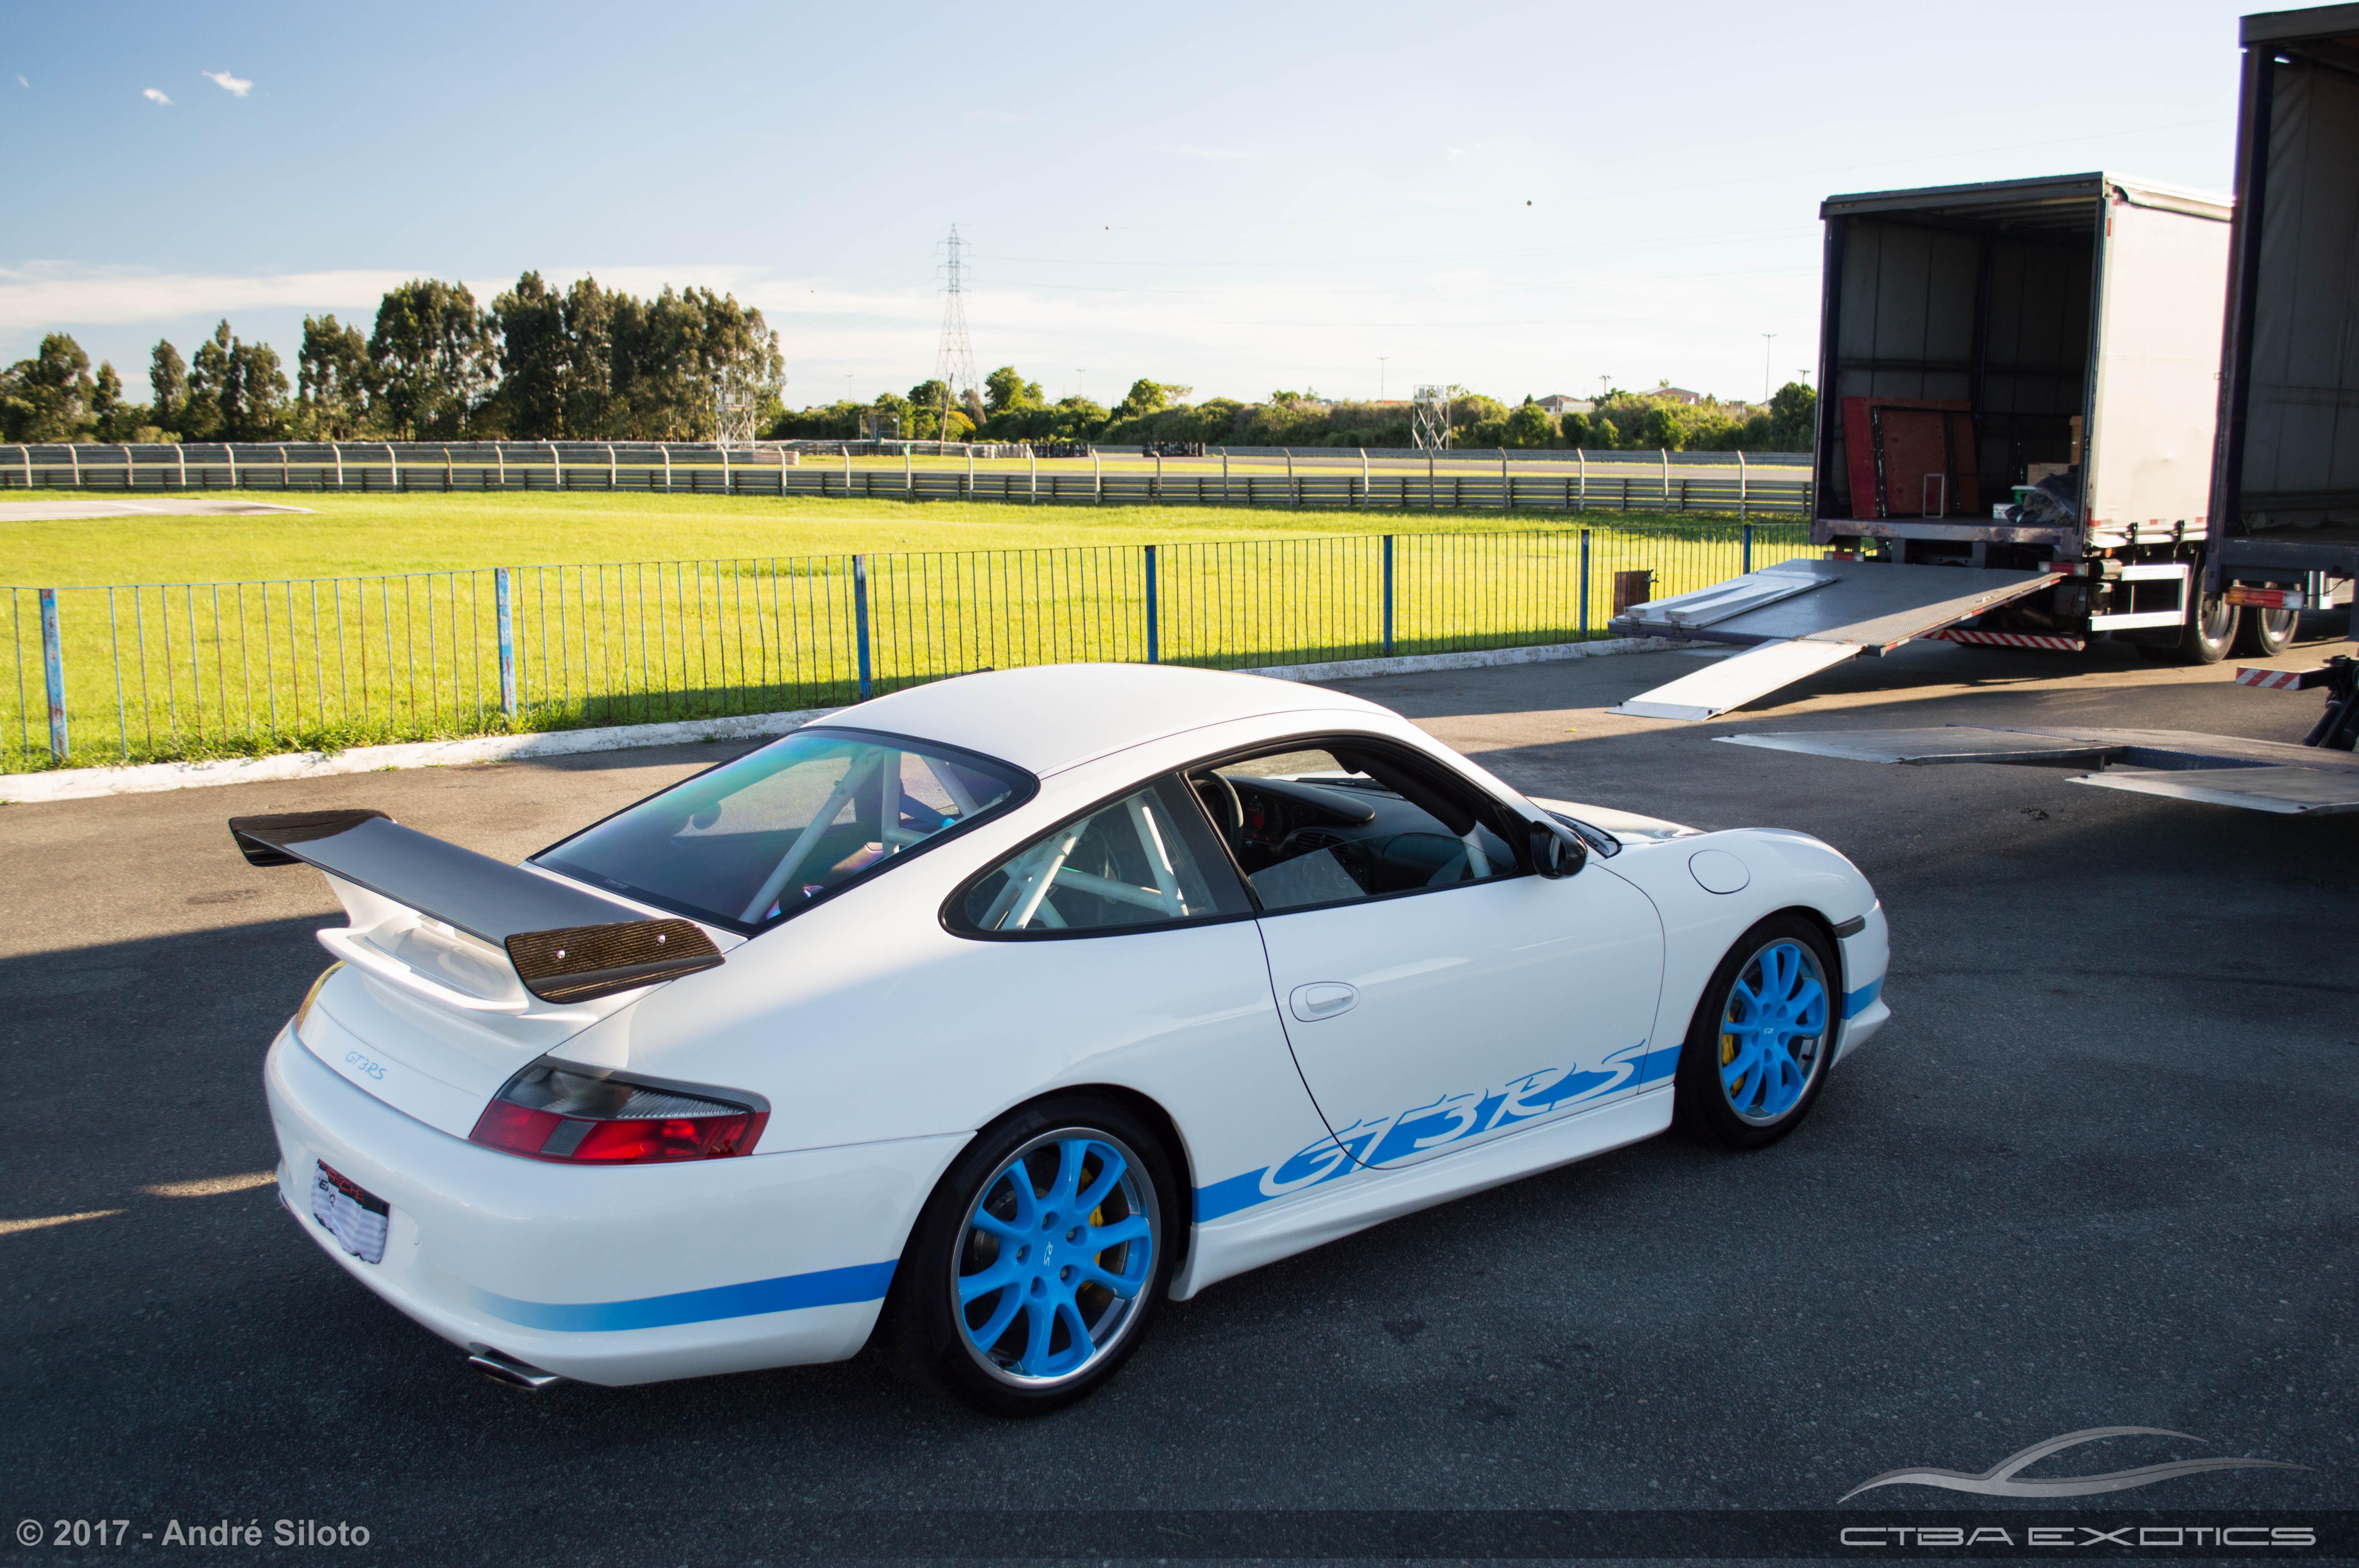 Porsche 911 GT3 RS (996) Foto: André Siloto / CtbaExotics